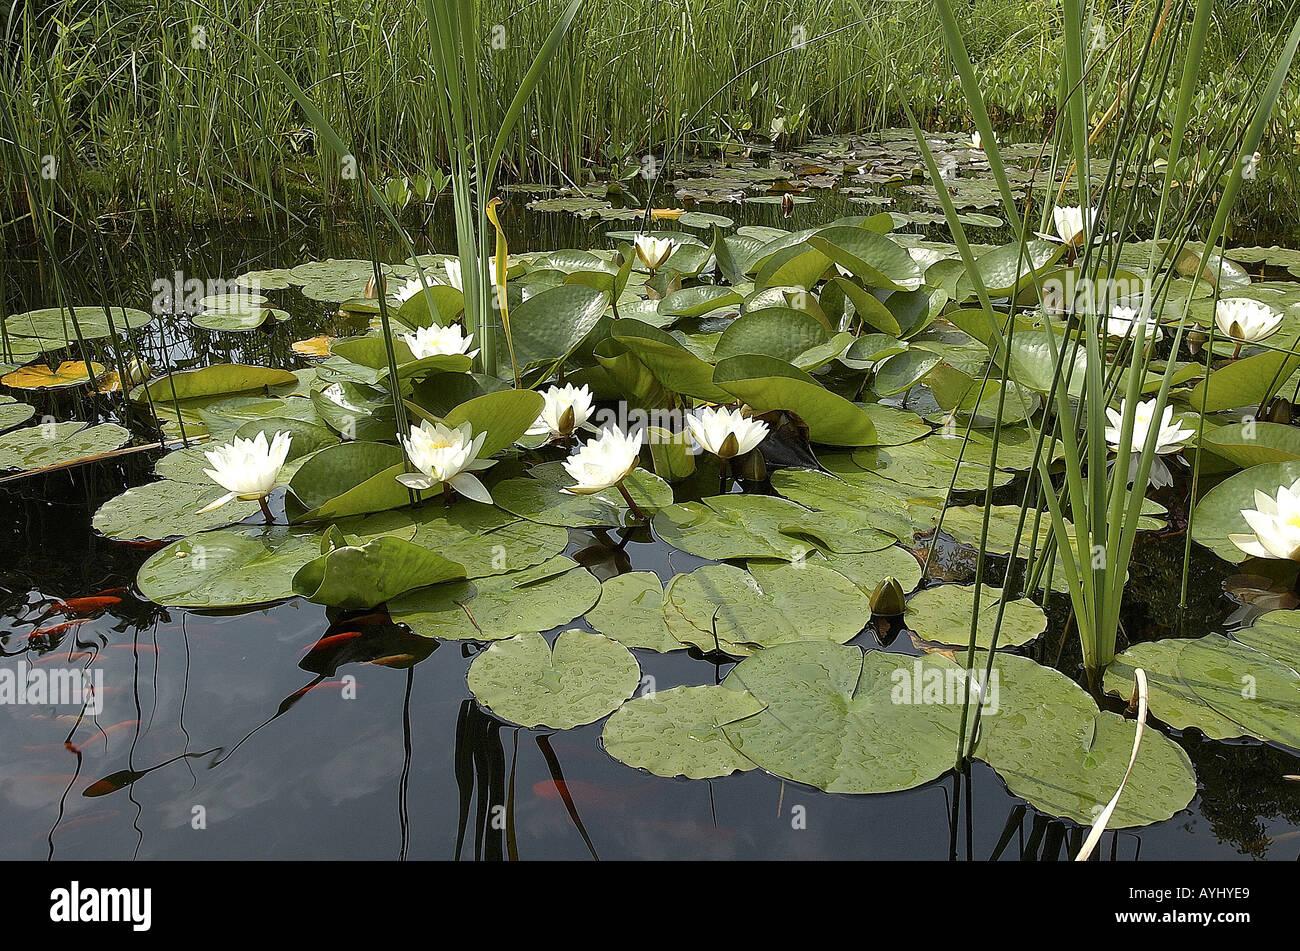 Seerosenteich Mit Goldfischen Stock Photo 5588968 Alamy